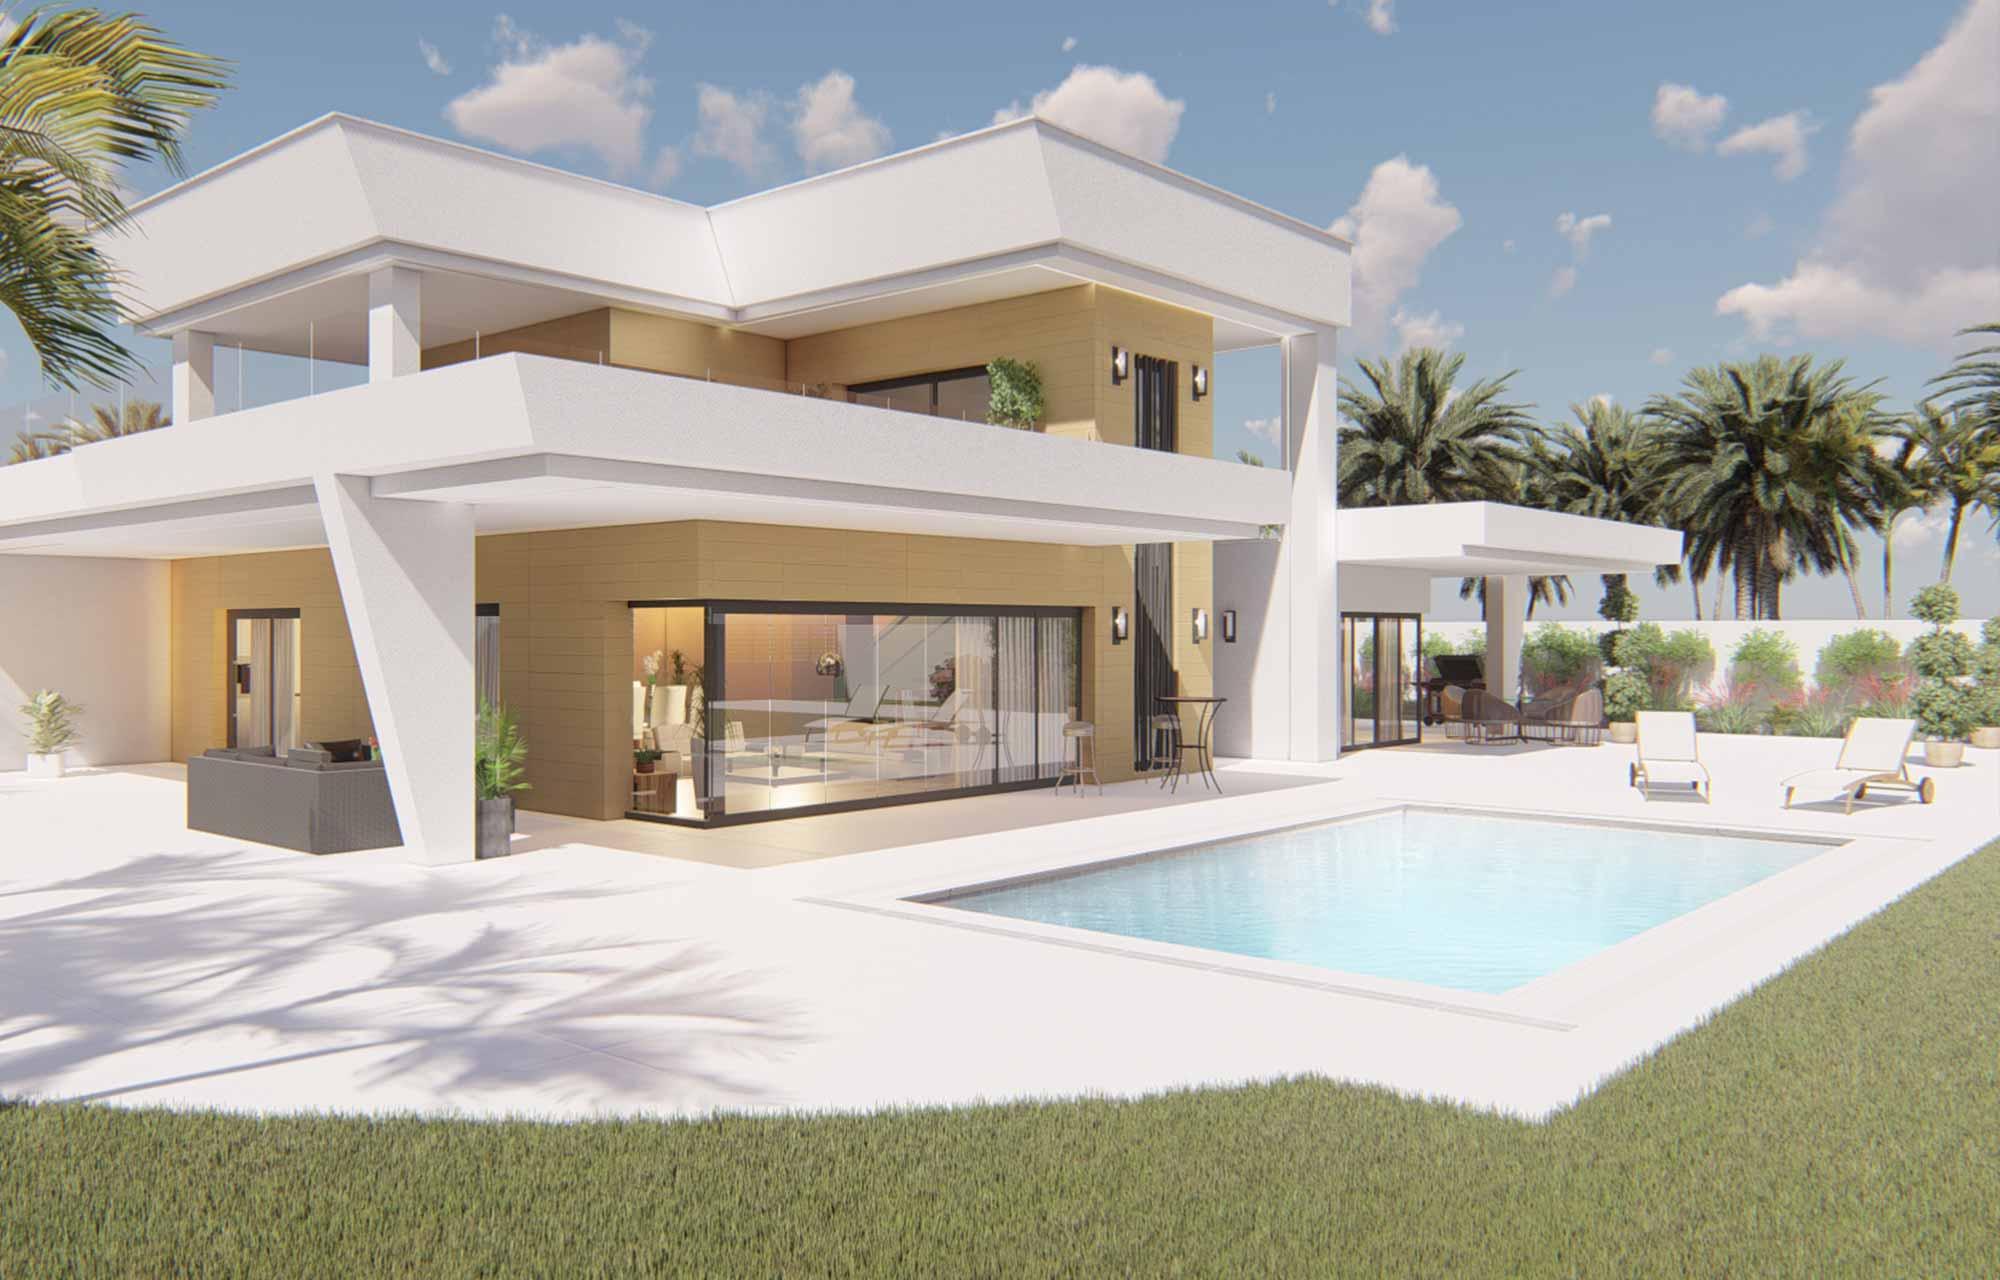 arquitectos para proyectos de casas unifamiliares en malaga